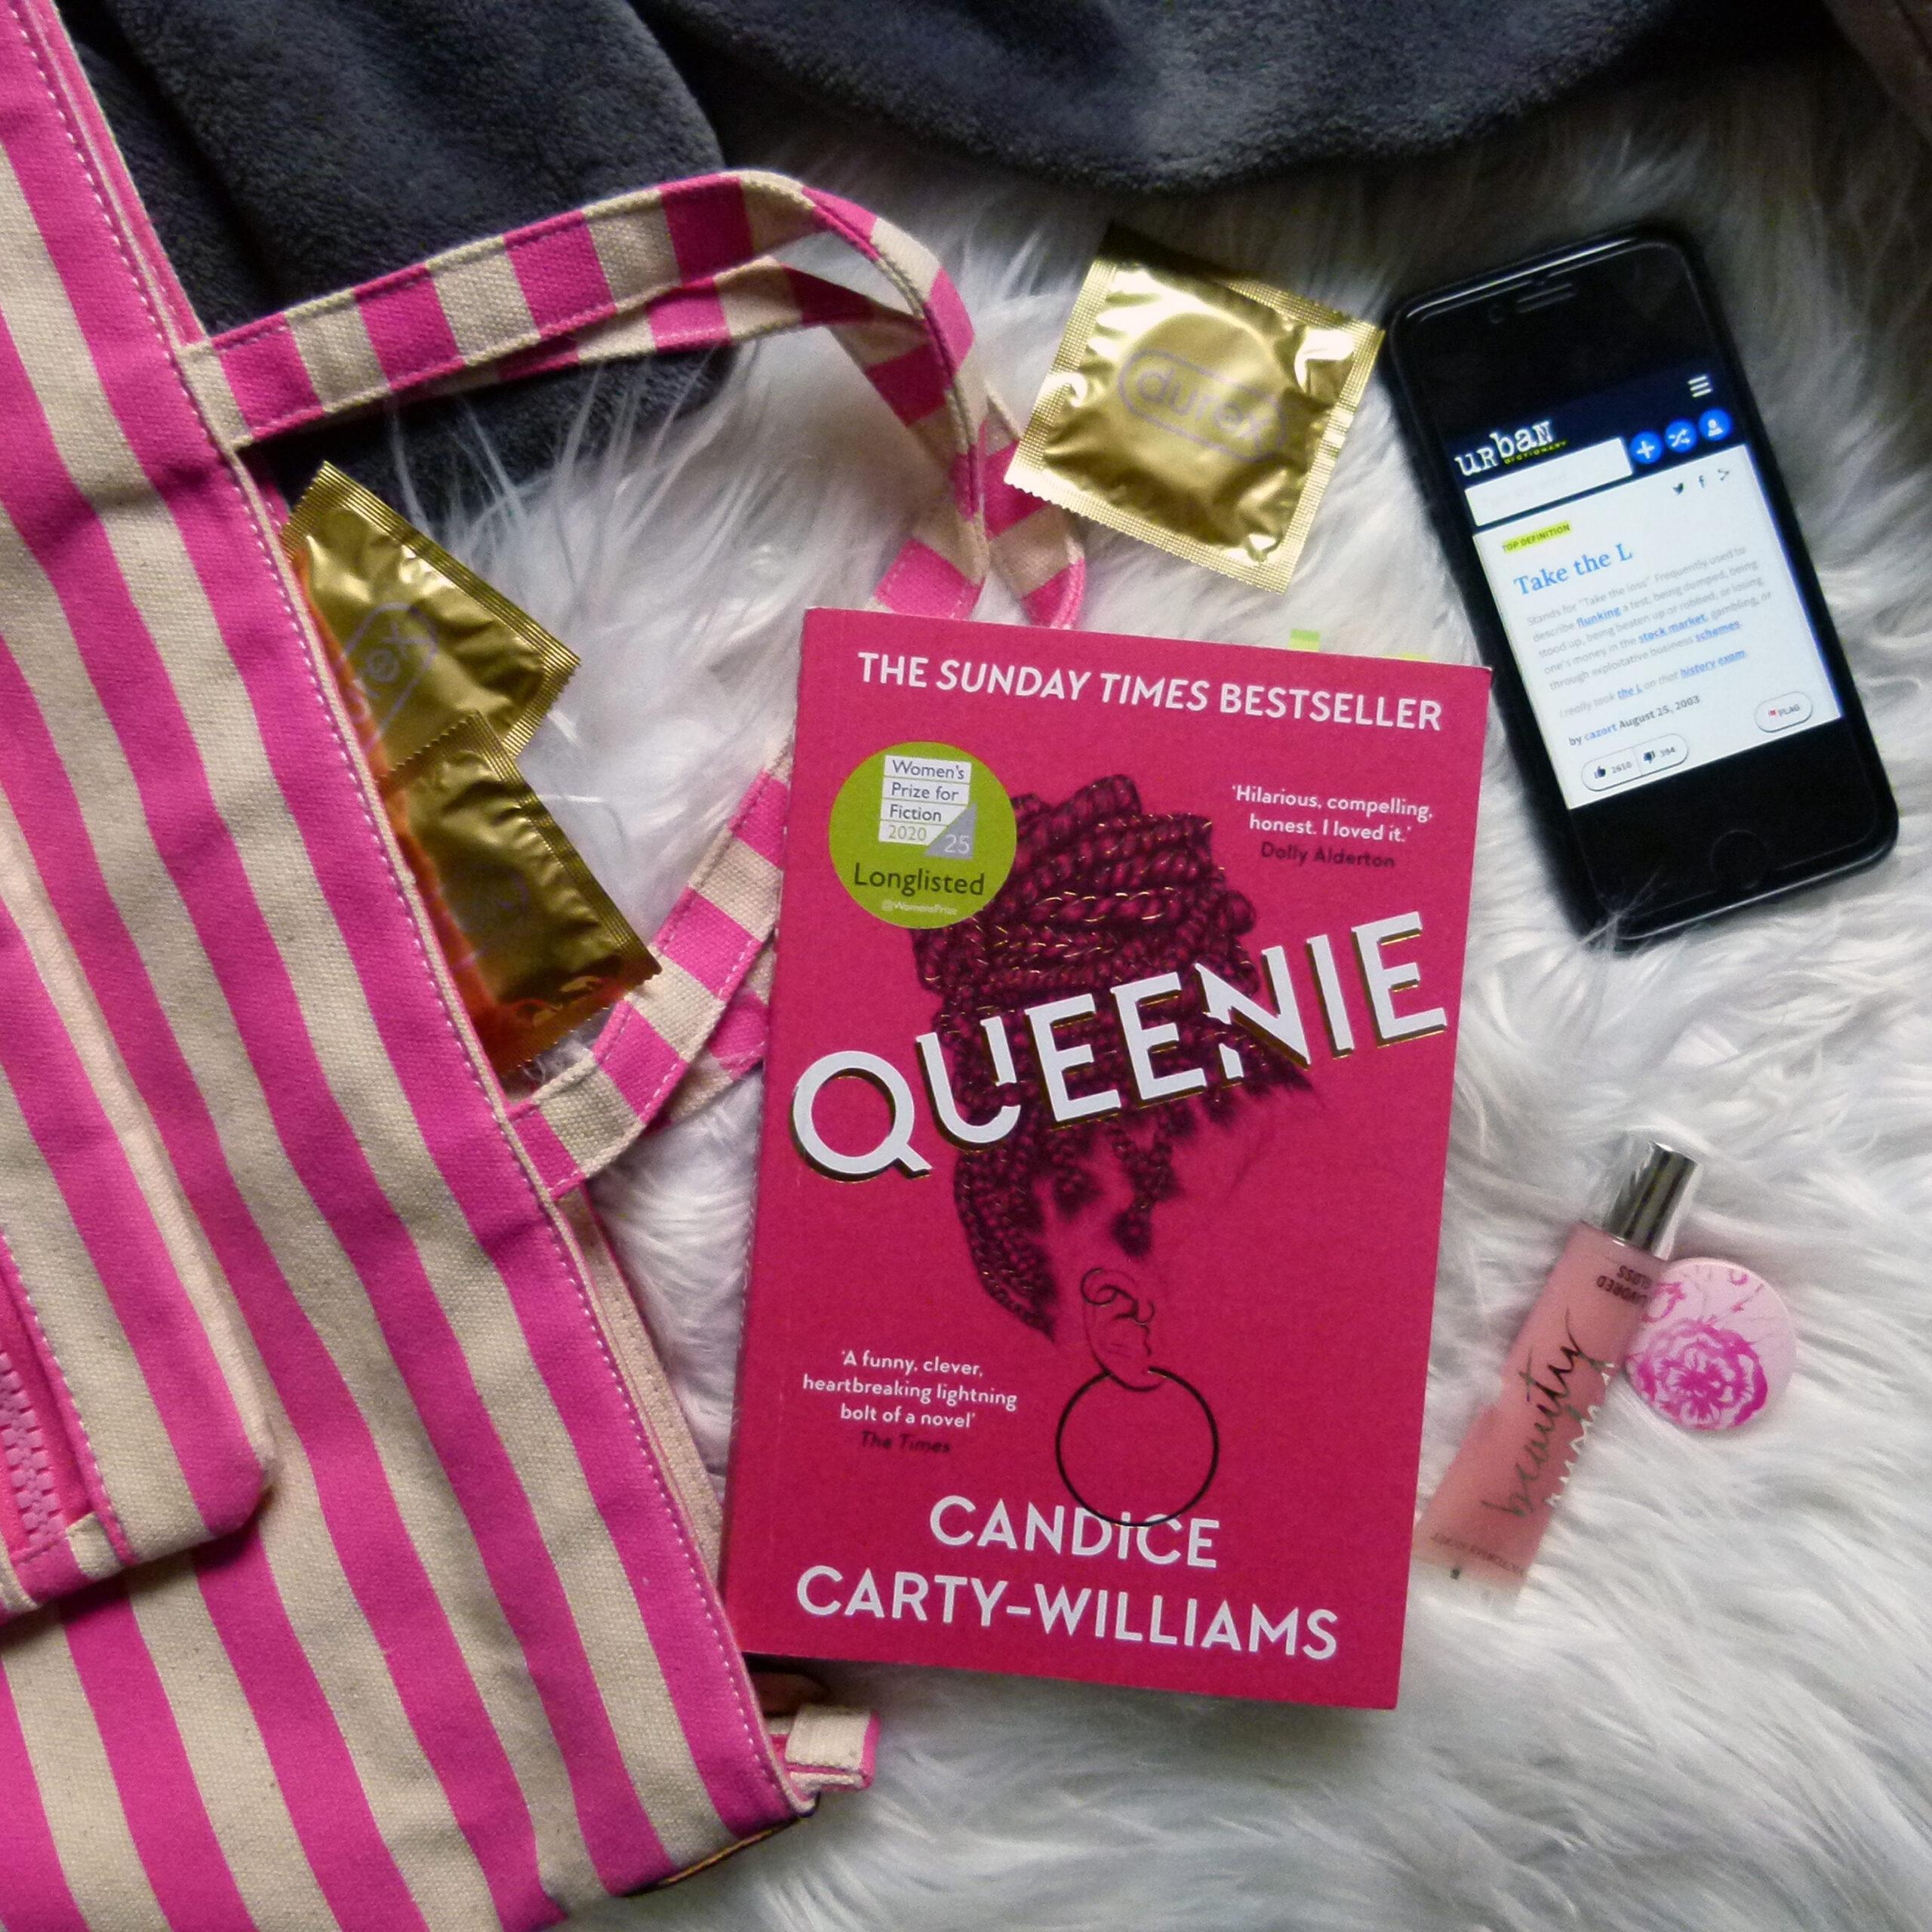 Das mittig im Bild gelegene Buch (pinkes Cover mit einem stilisiertem Frauenkopf mit Braids, Ohrringen. Titel